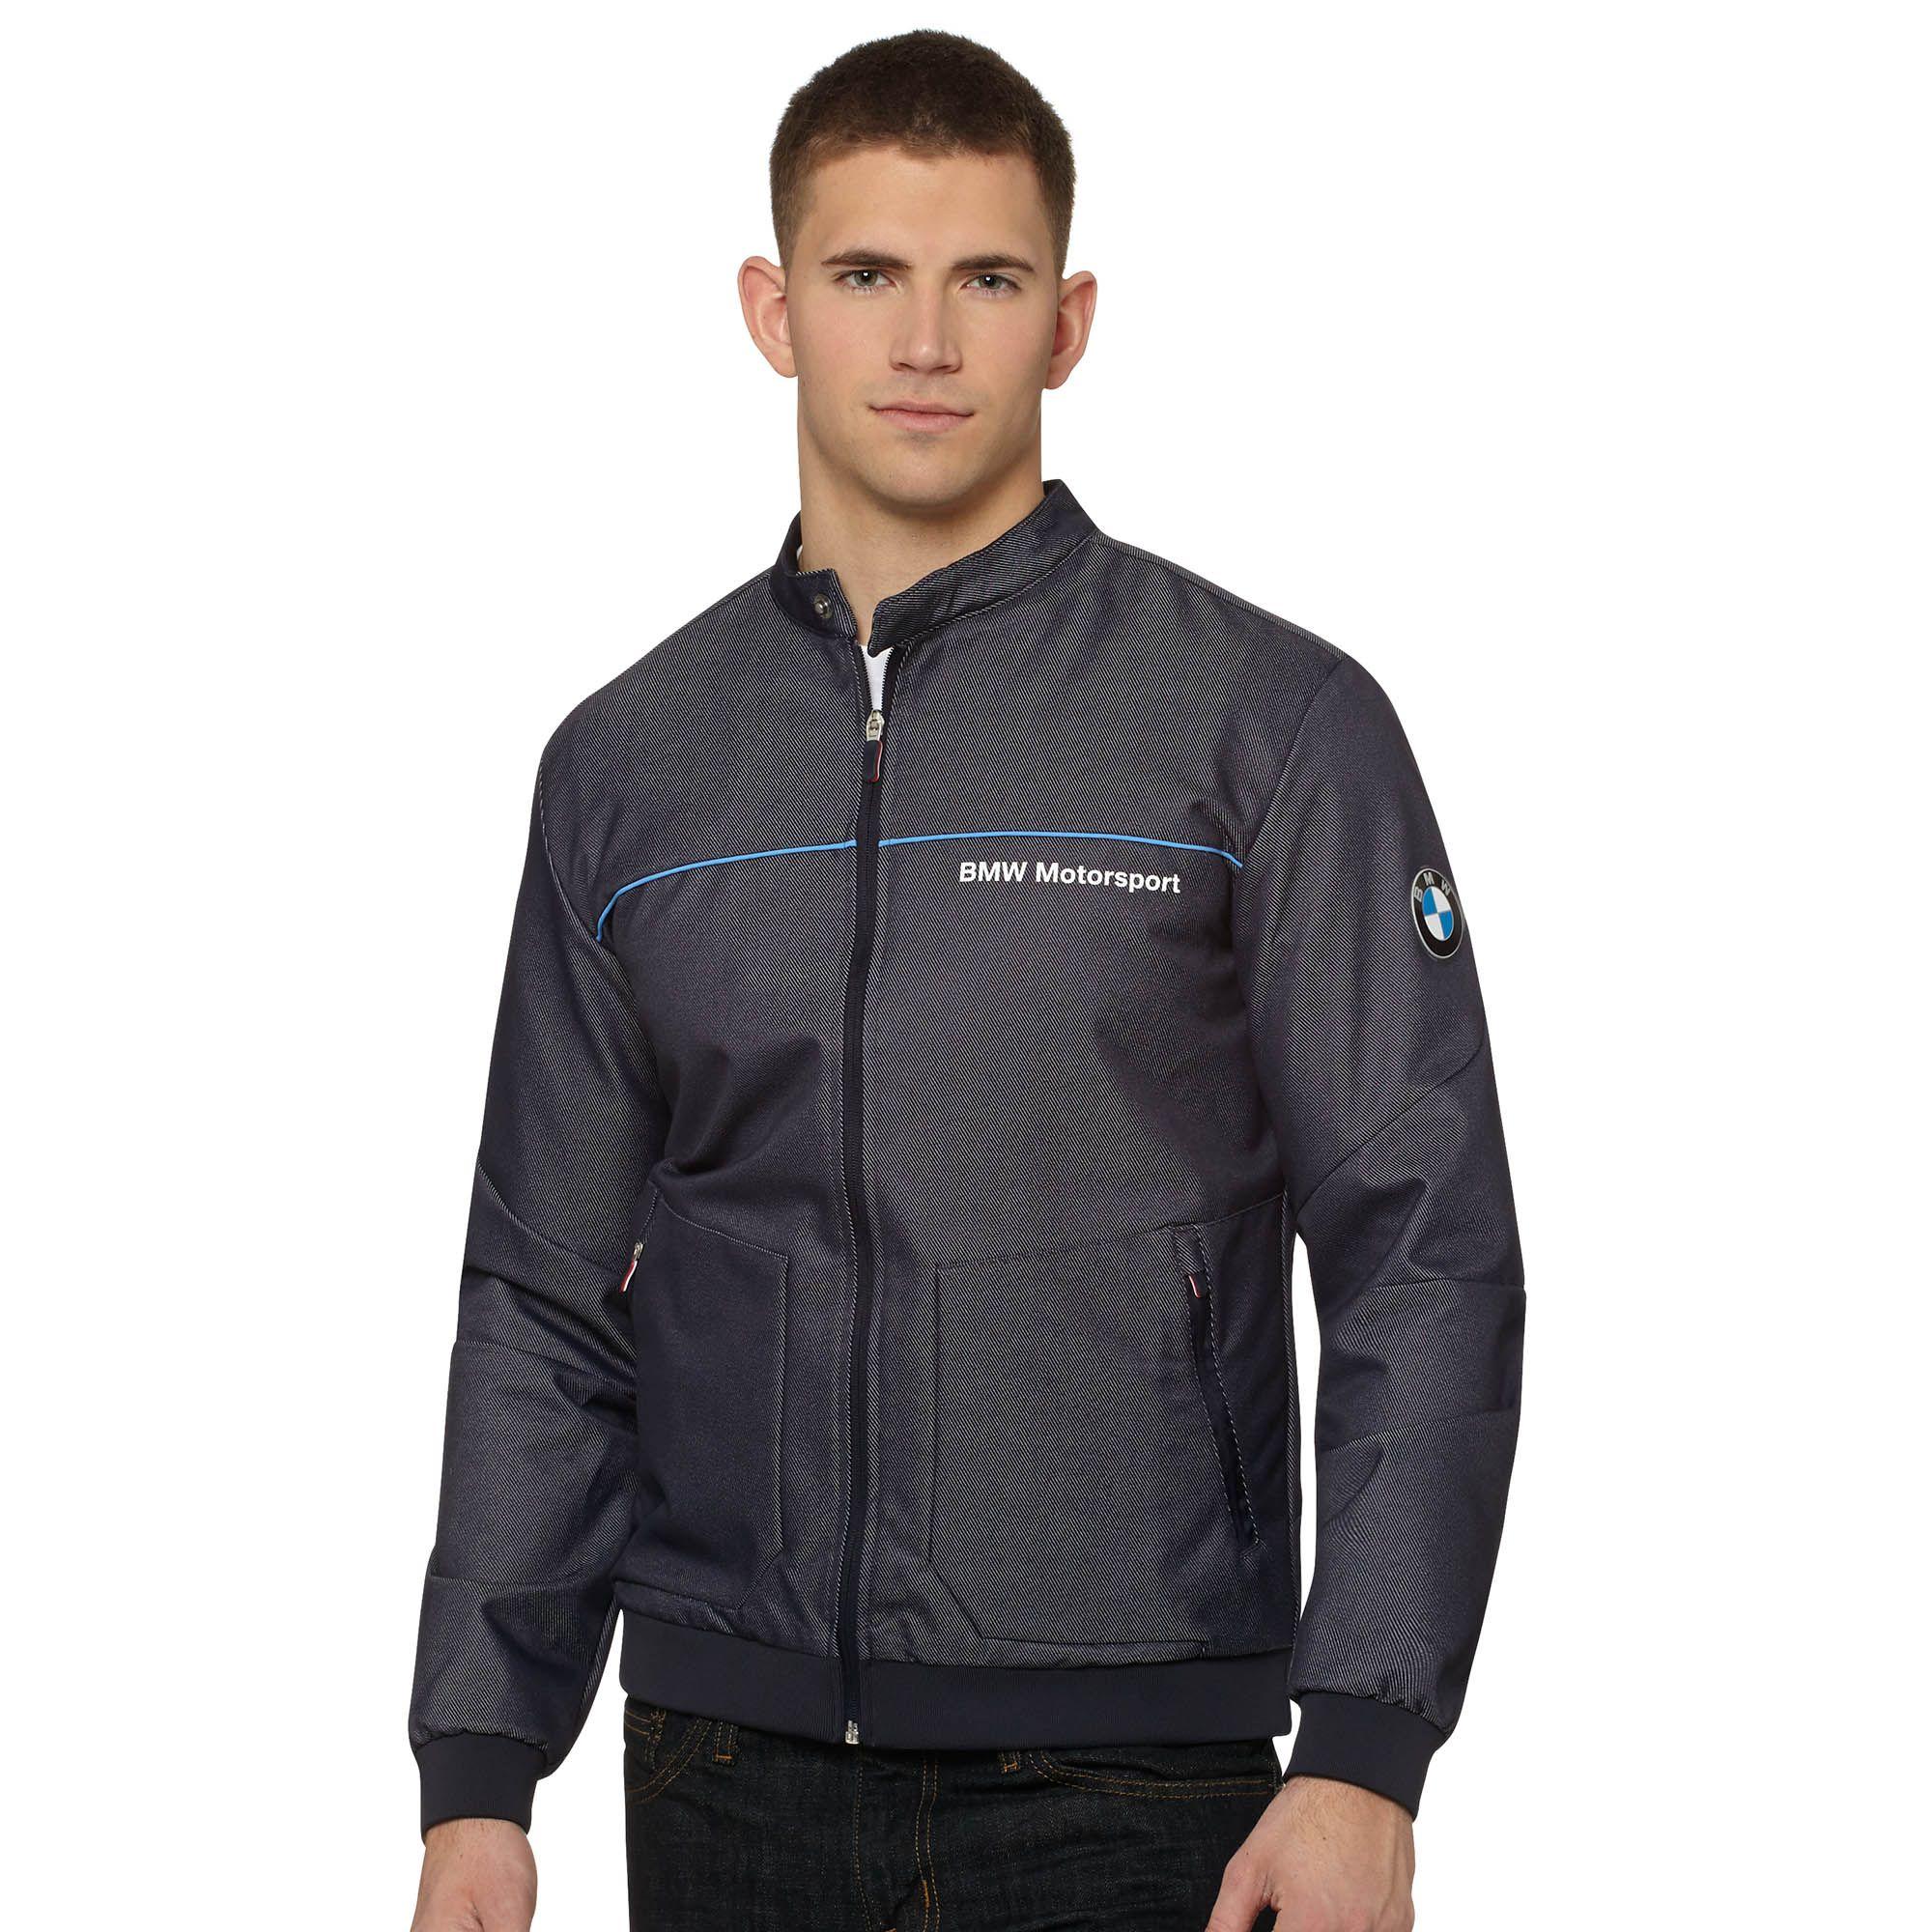 BMW Statement Jacket